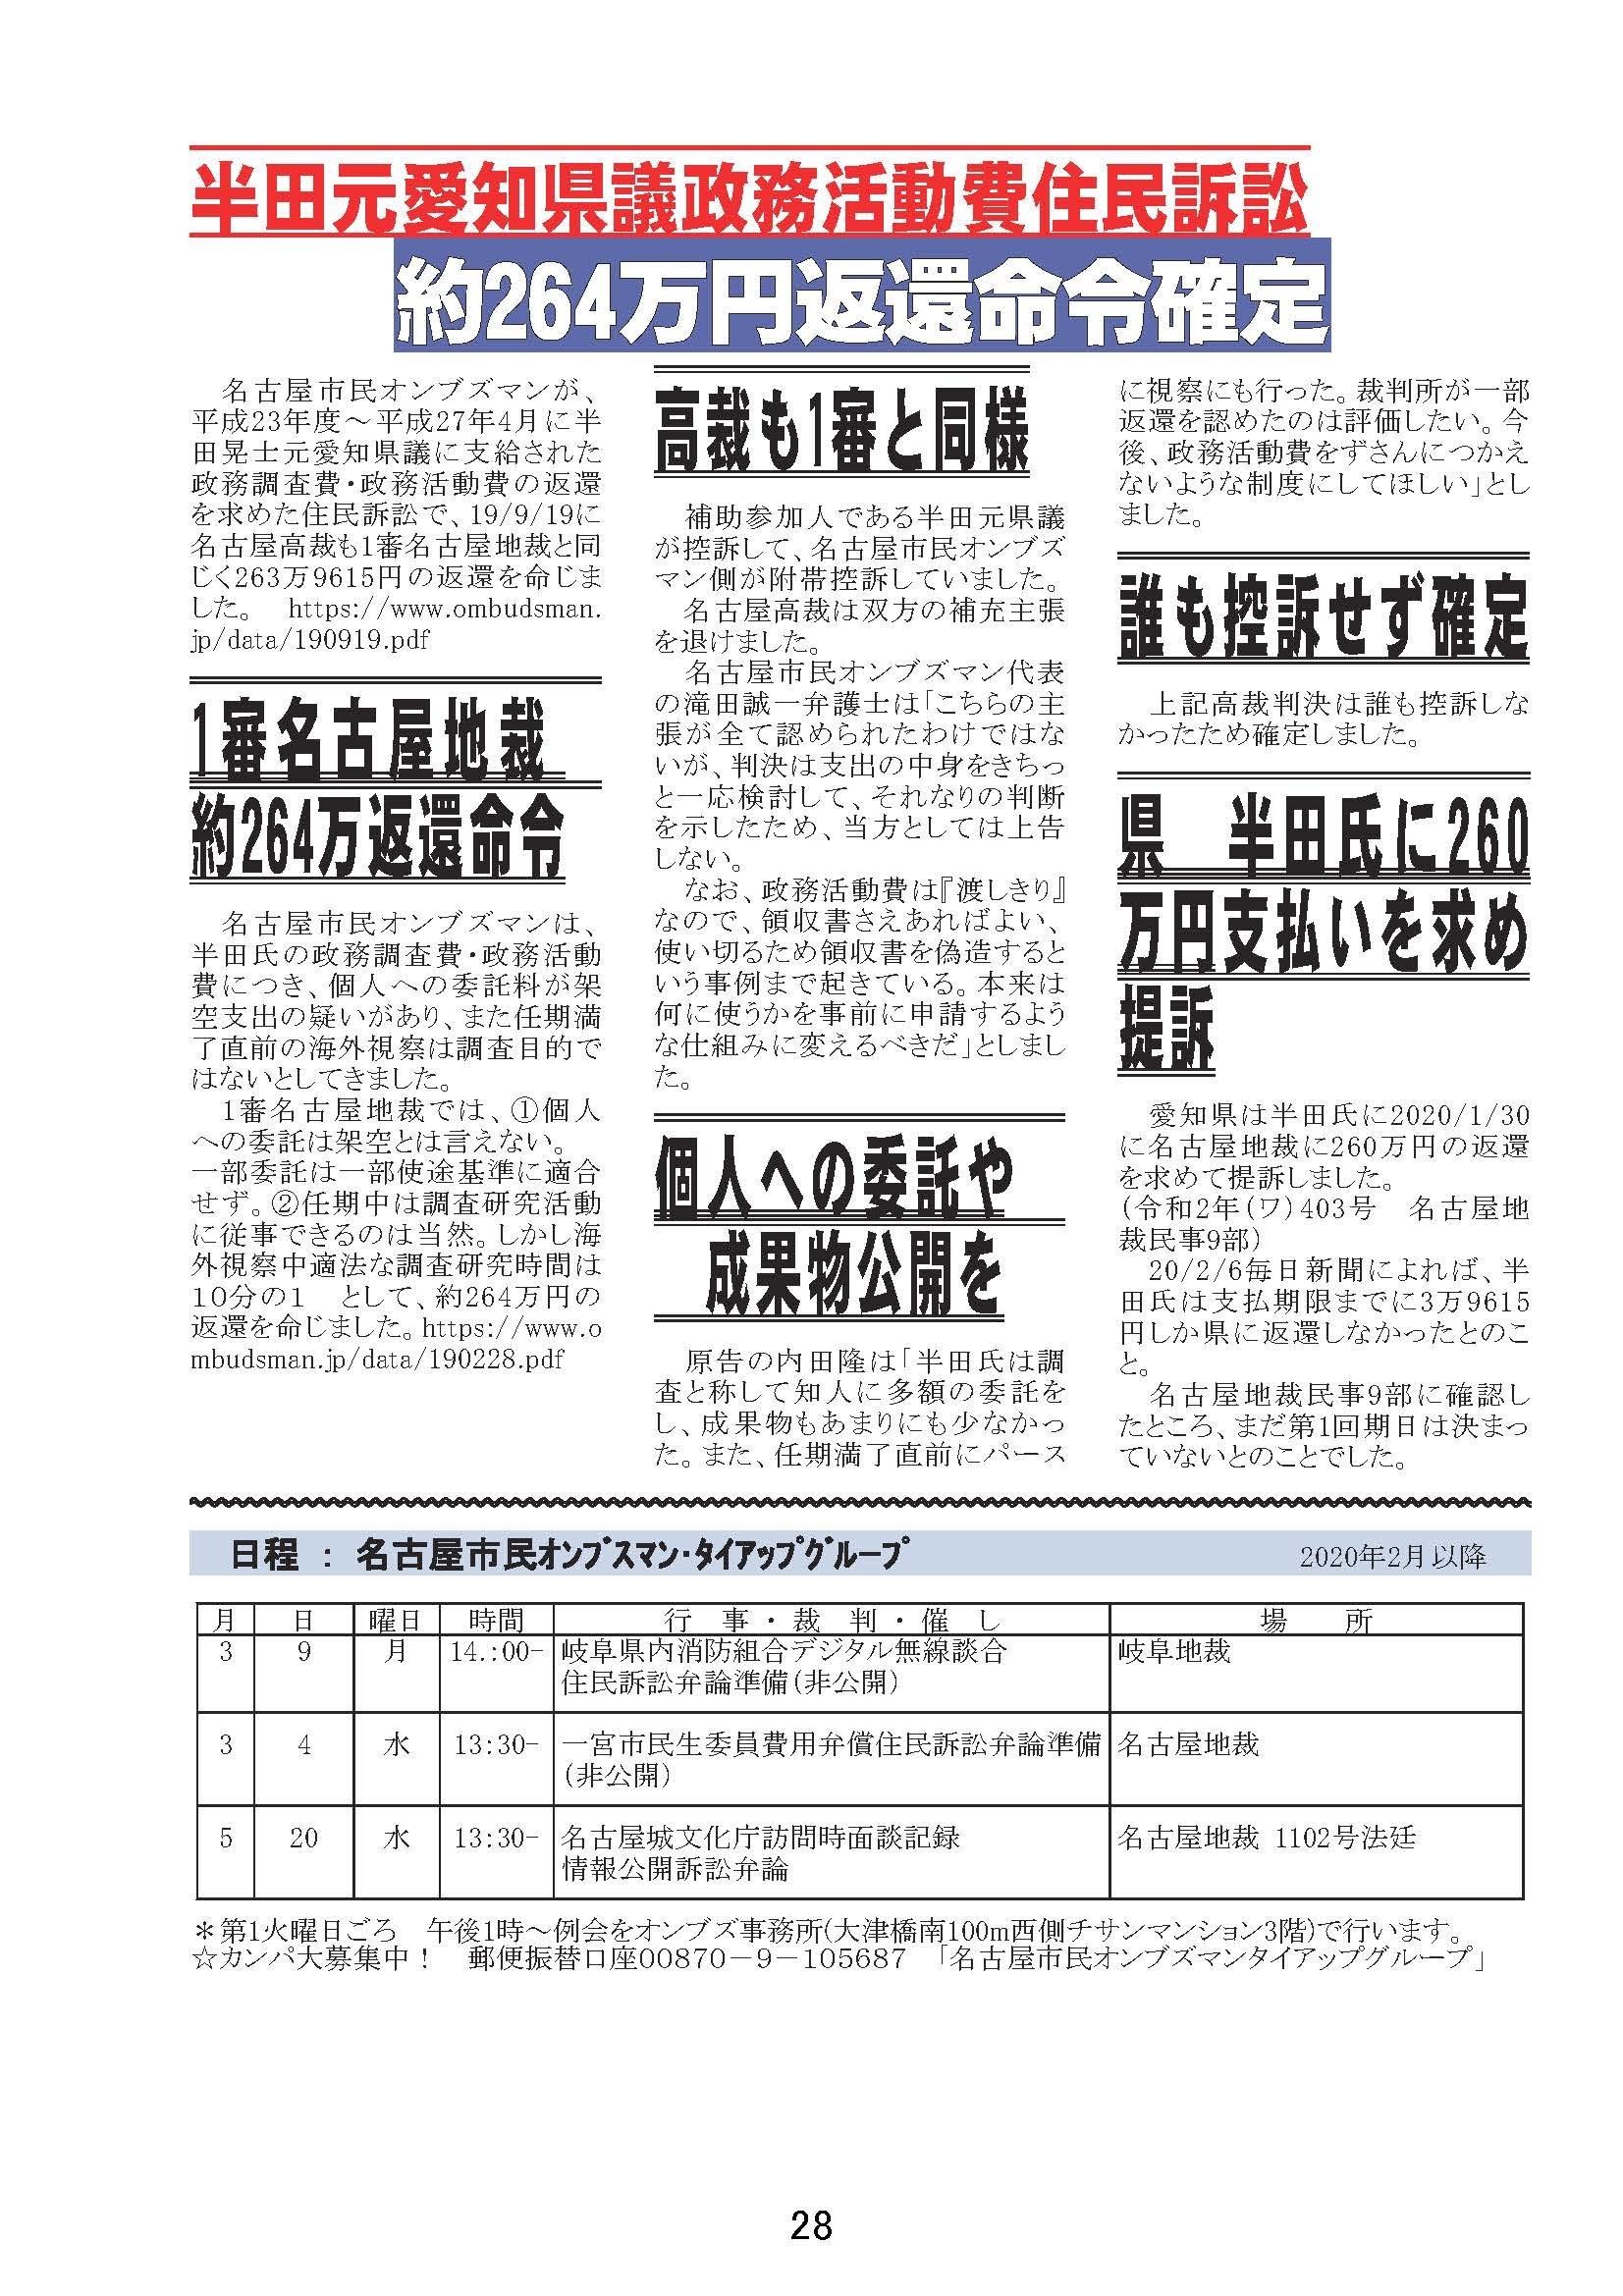 名古屋市民オンブズマンタイアップ NEWS 199号発行_d0011701_14324453.jpg